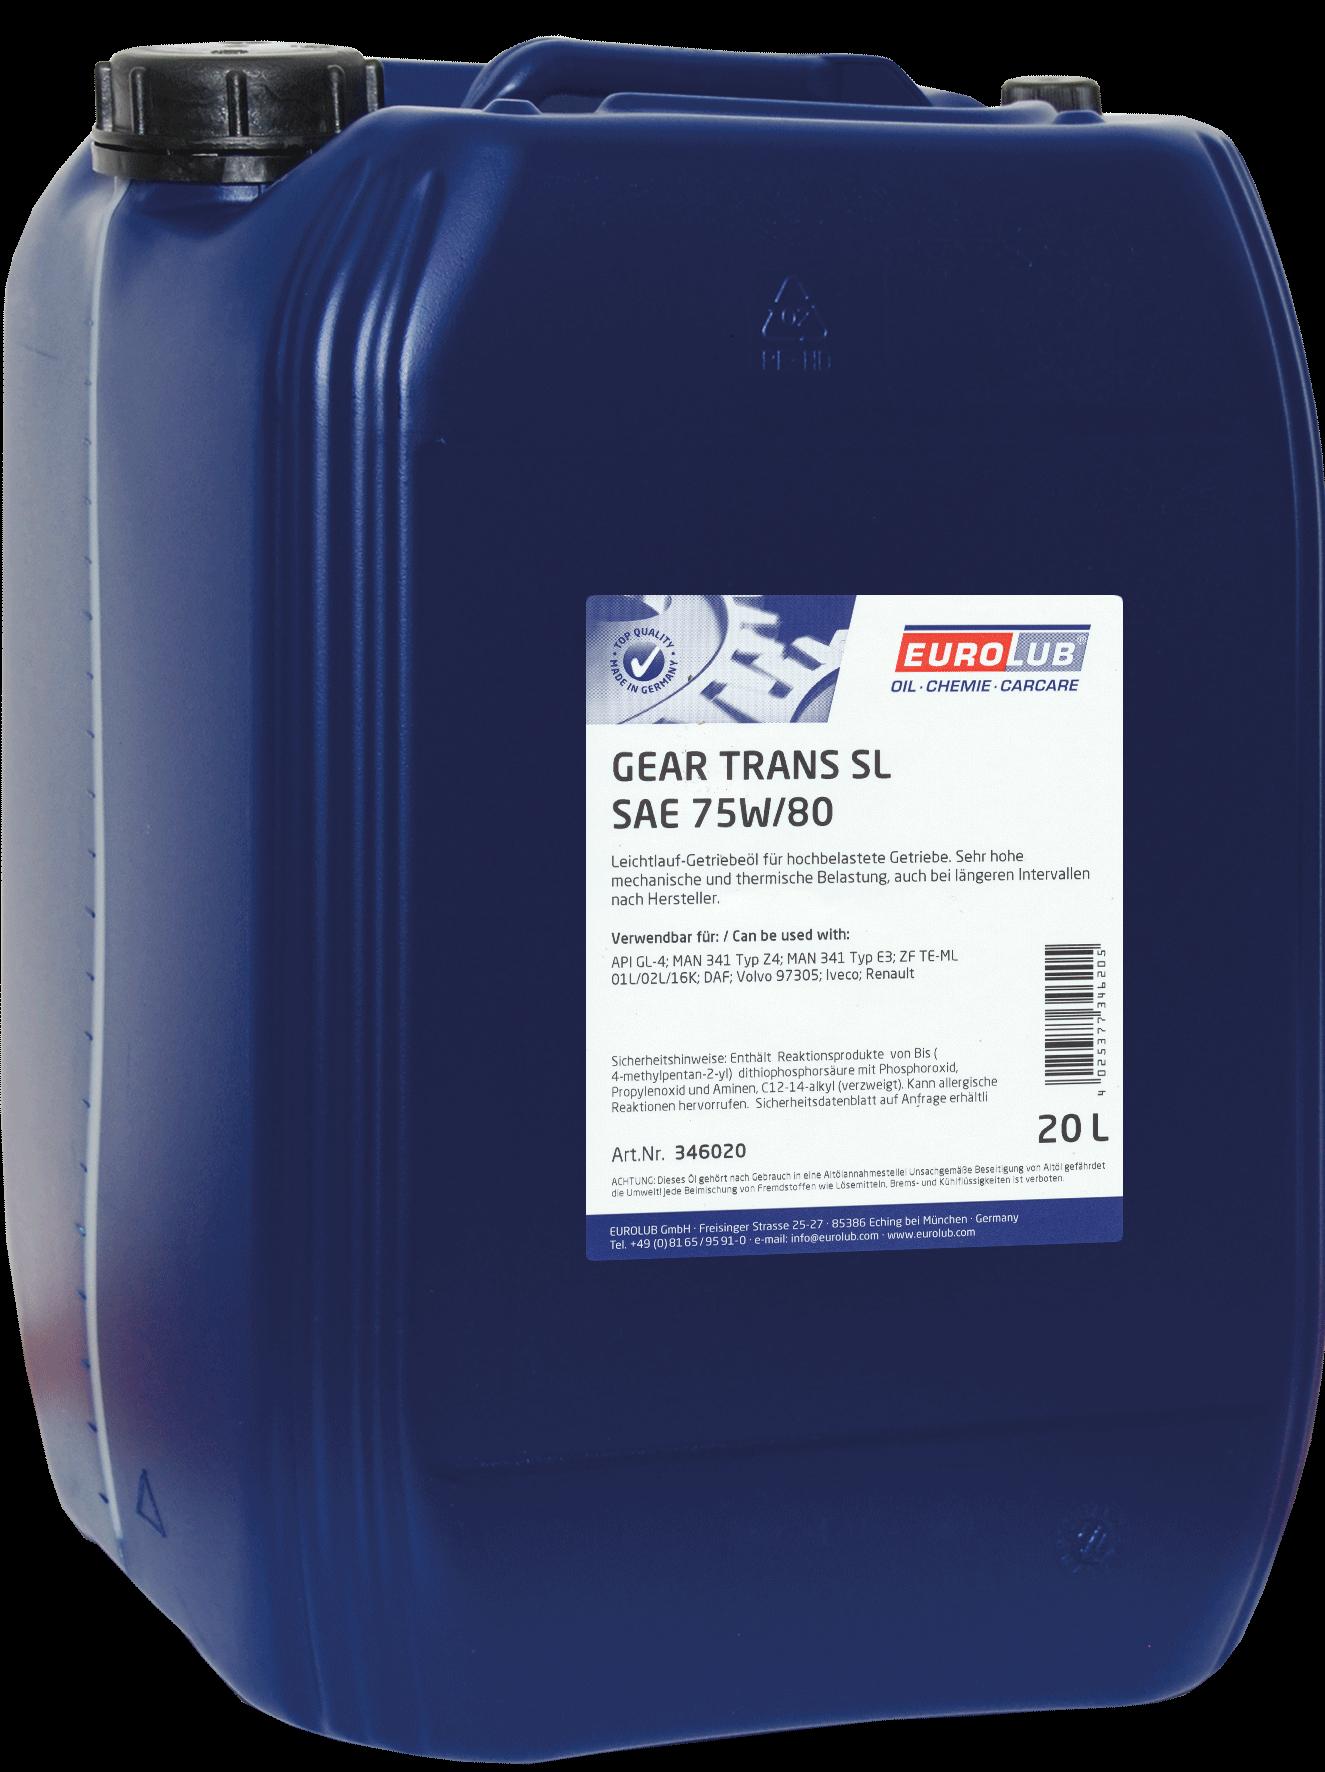 EUROLUB Gear Trans SL SAE 75W/80 (синтетическое), 20л